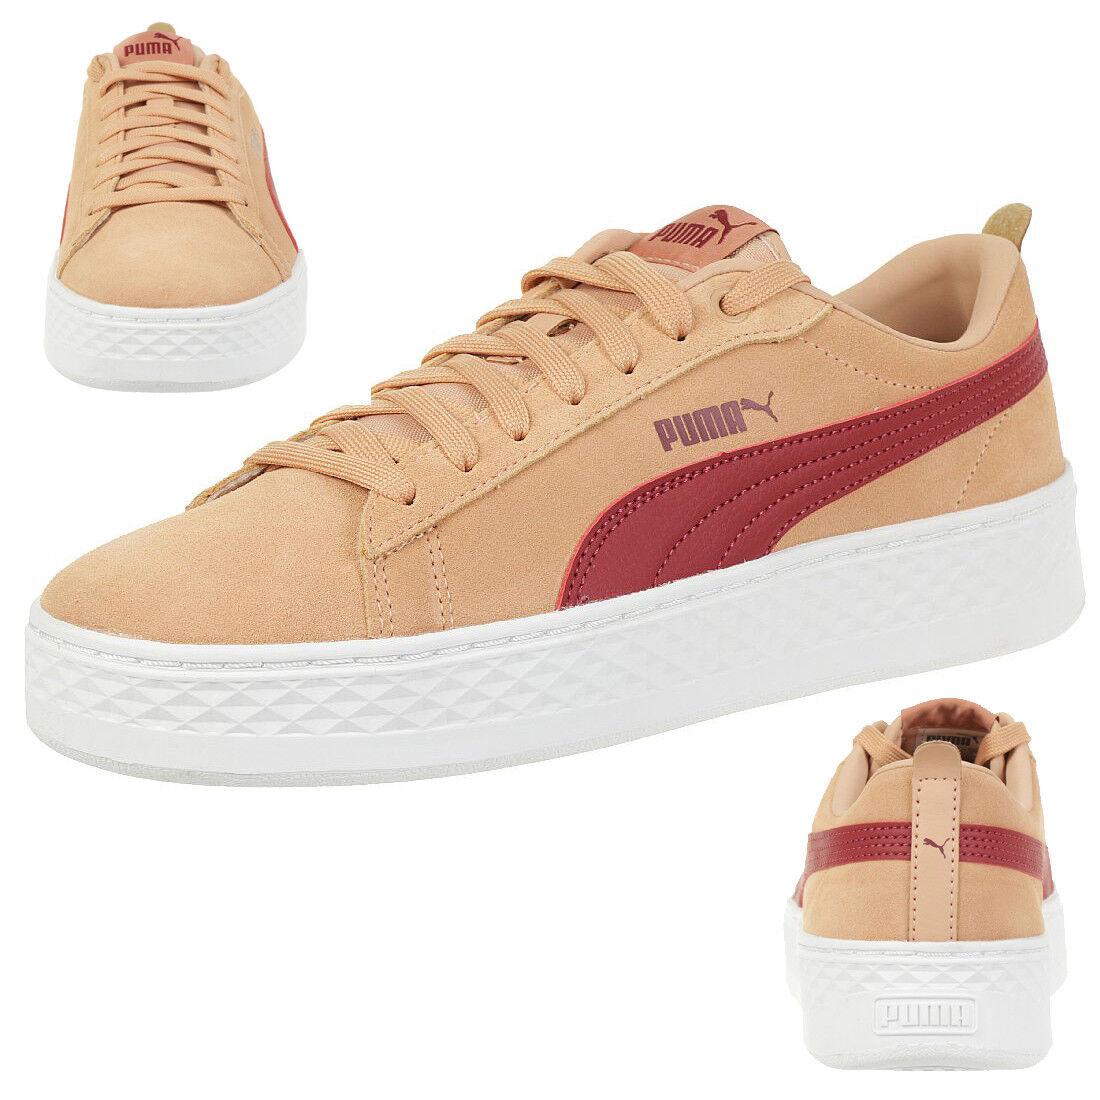 Puma Smash Platform SD Leather Leather Leather zapatillas Zapatos señora 366488 05 rosadodo  precios al por mayor